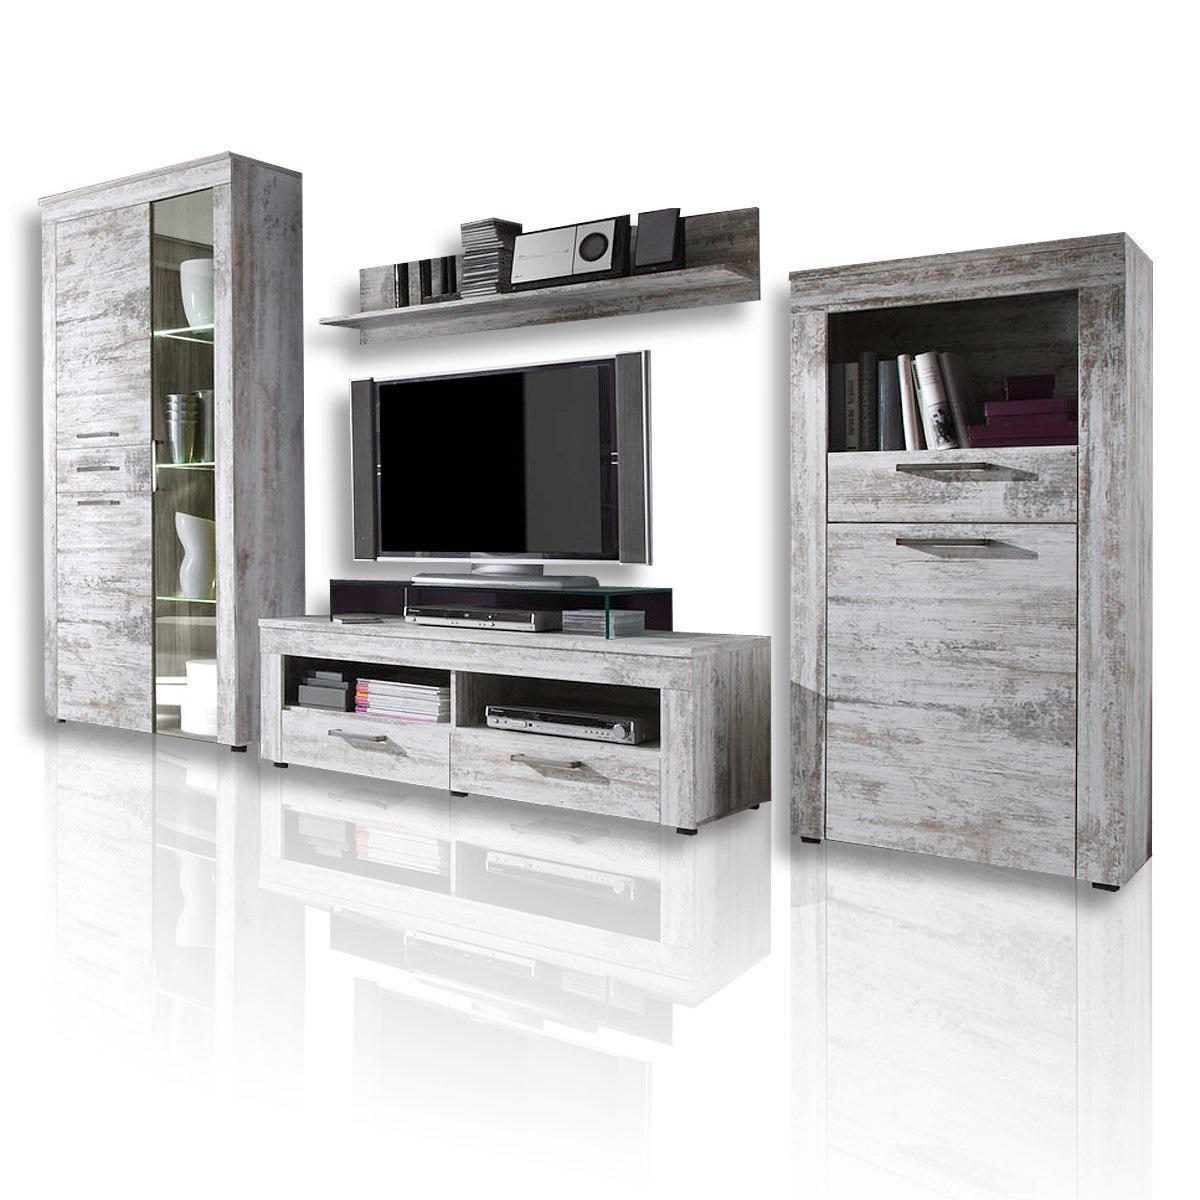 36 sparen wohnwand river von roller nur 379 99 cherry m bel. Black Bedroom Furniture Sets. Home Design Ideas